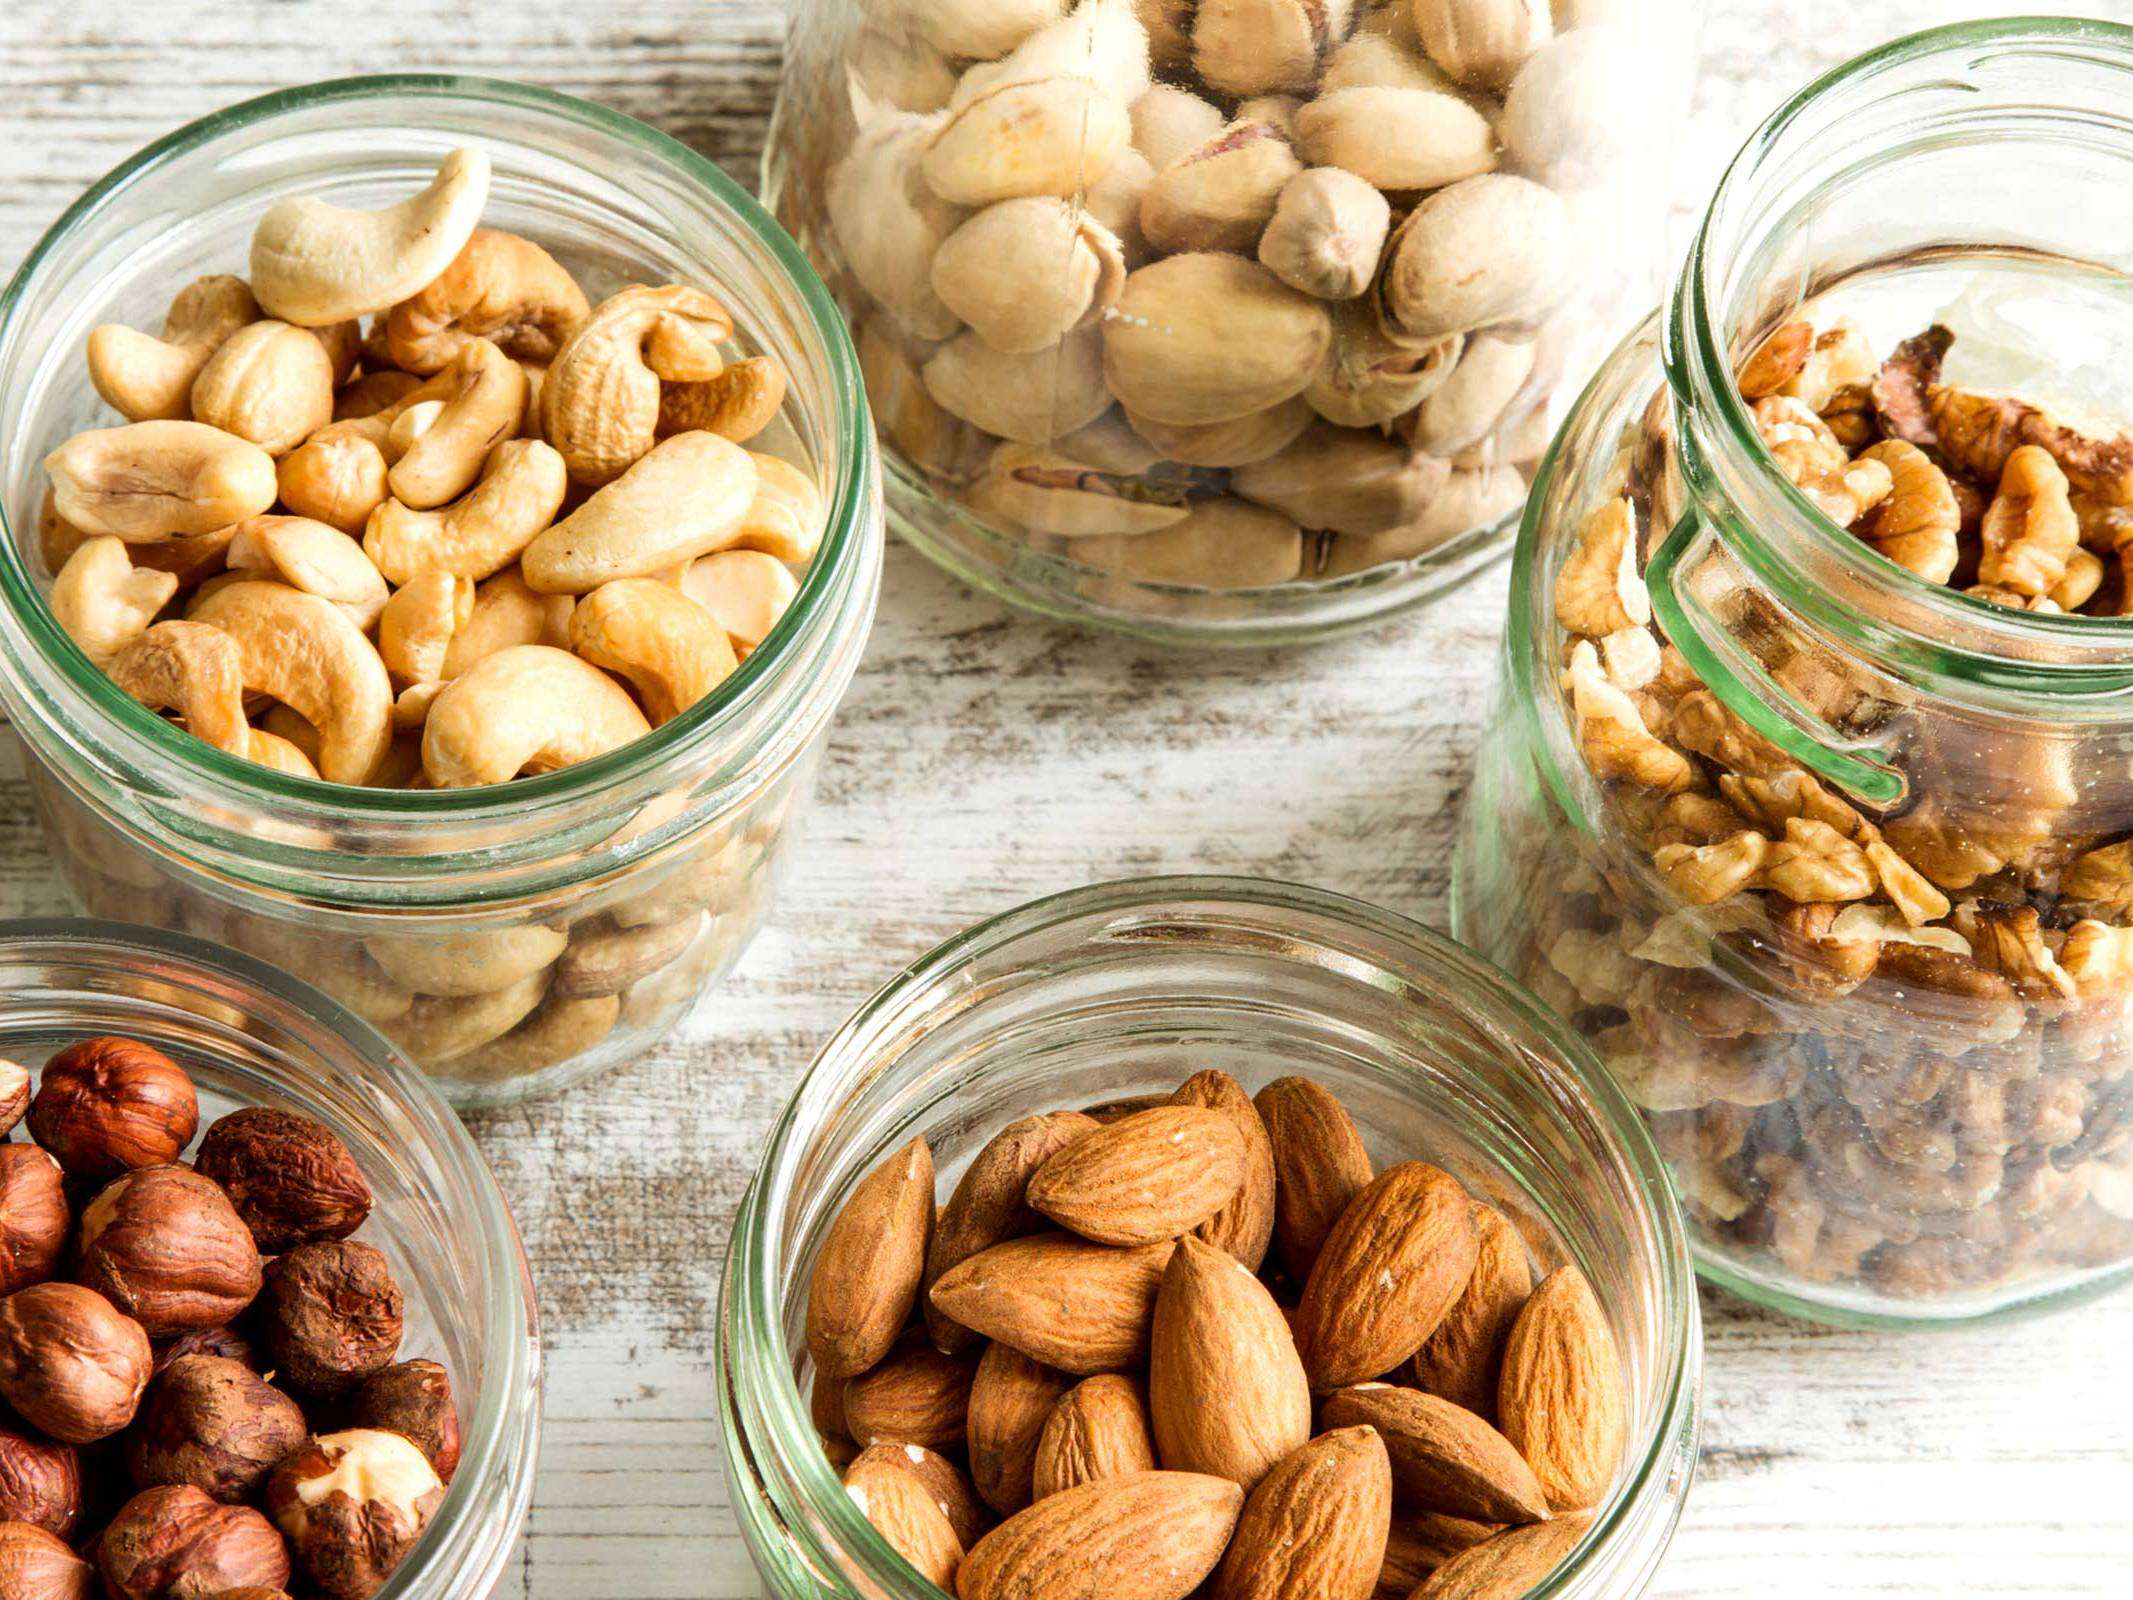 Зачем замачивать орехи перед употреблением, как правильно - орех эксперт